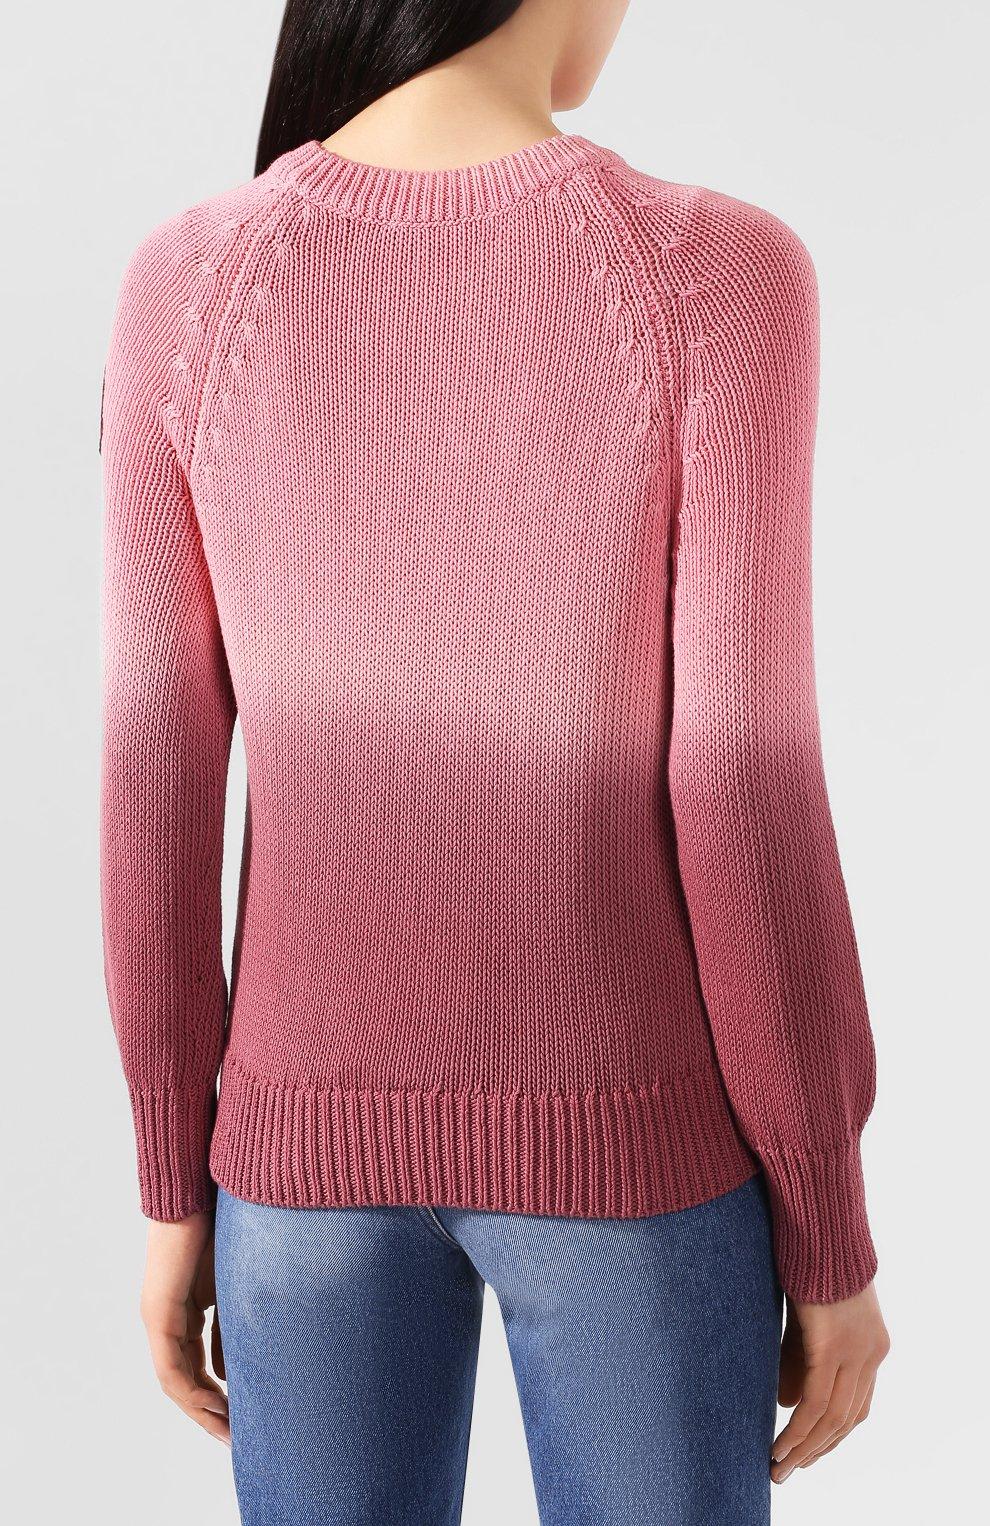 Женский хлопковый свитер MONCLER розового цвета, арт. F1-093-9C711-60-V9088   Фото 4 (Женское Кросс-КТ: Свитер-одежда; Рукава: Длинные; Длина (для топов): Стандартные; Материал внешний: Хлопок; Стили: Кэжуэл)